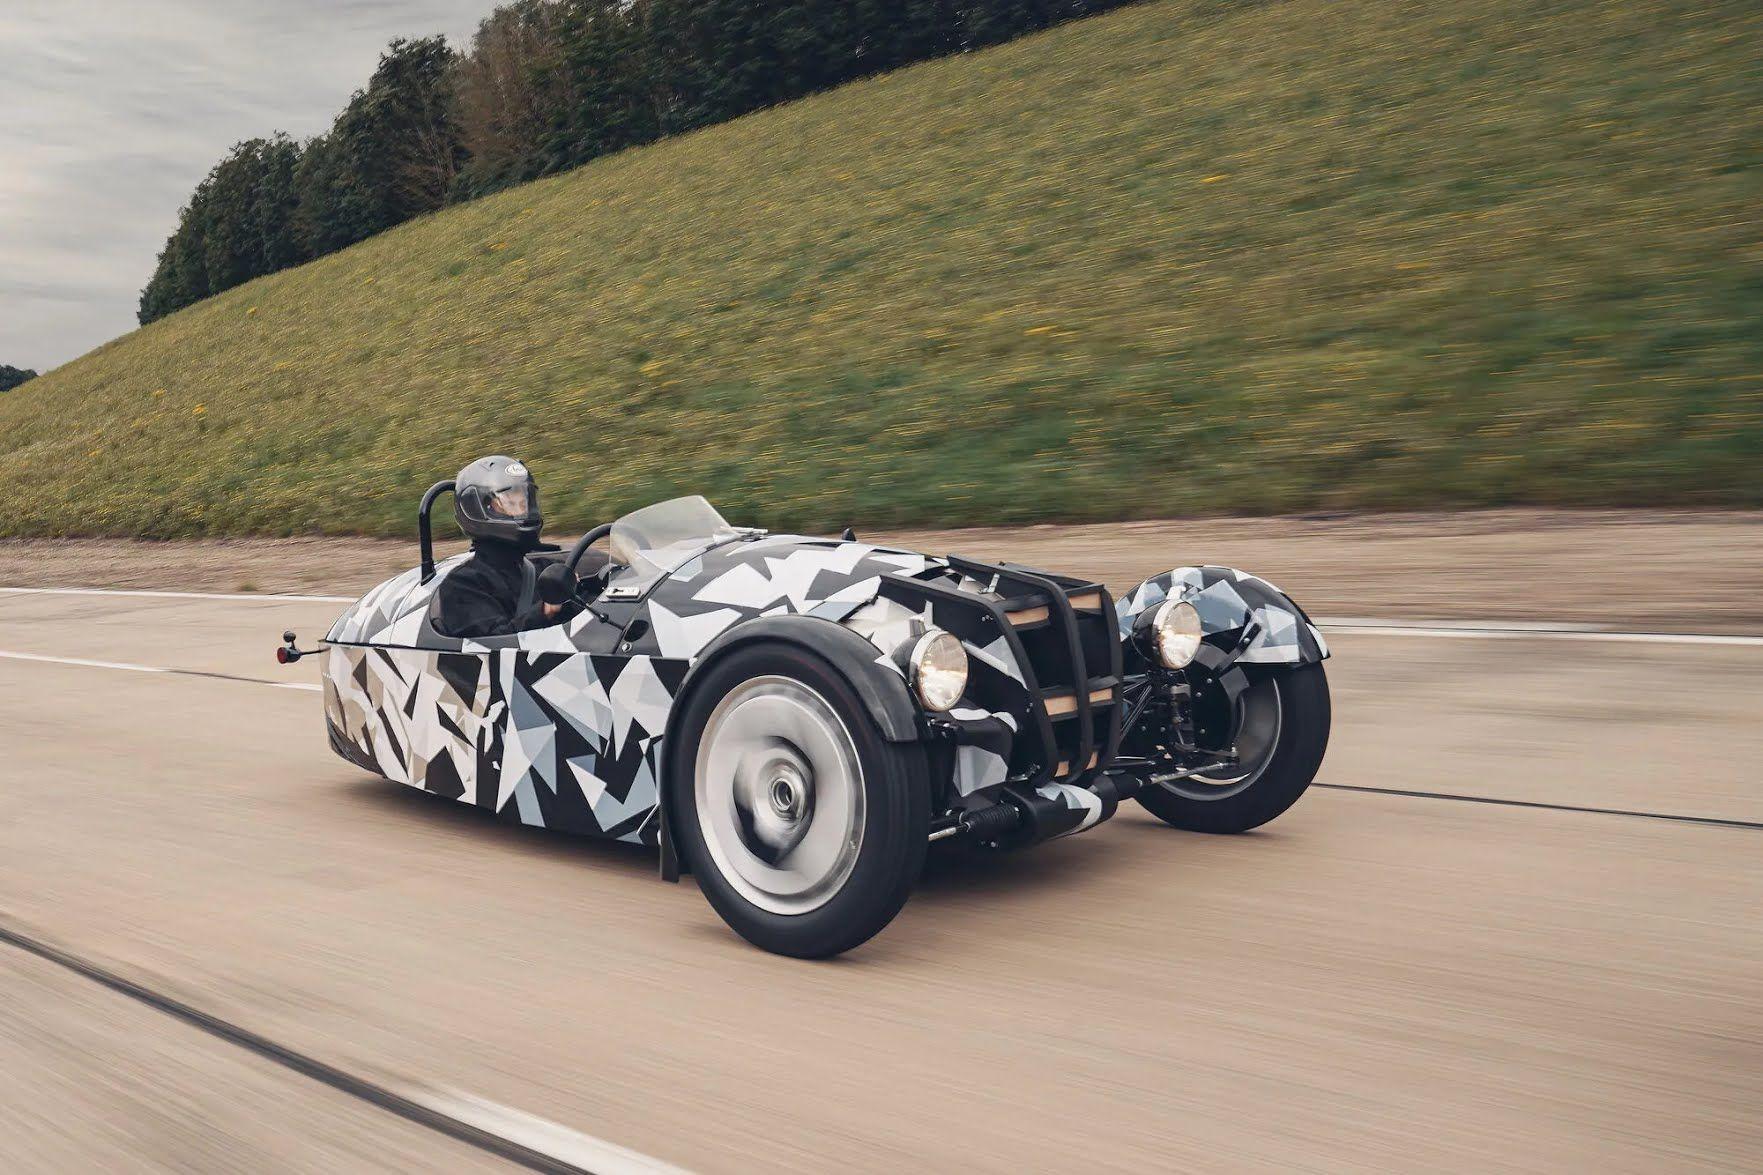 Британская компания Morgan готовит совершенно новую модель на трех колесах